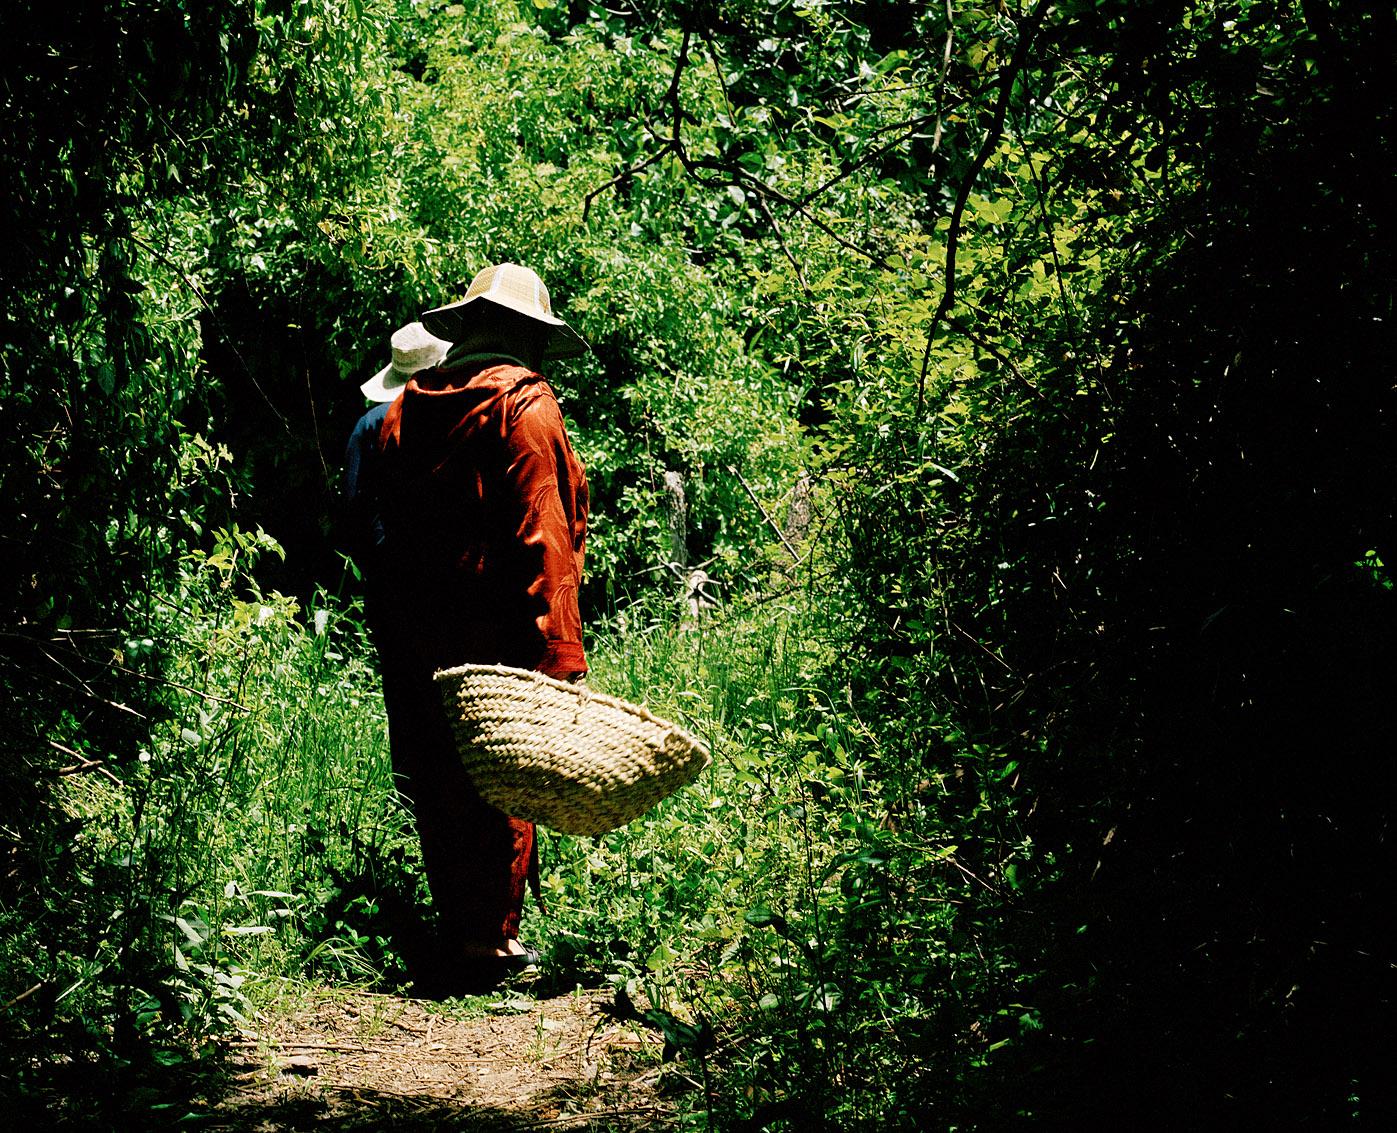 Sur le chemin de la récolte, coopérative de femmes Achifae (guérison en Berbère) du village de Ben Smim, Maroc.